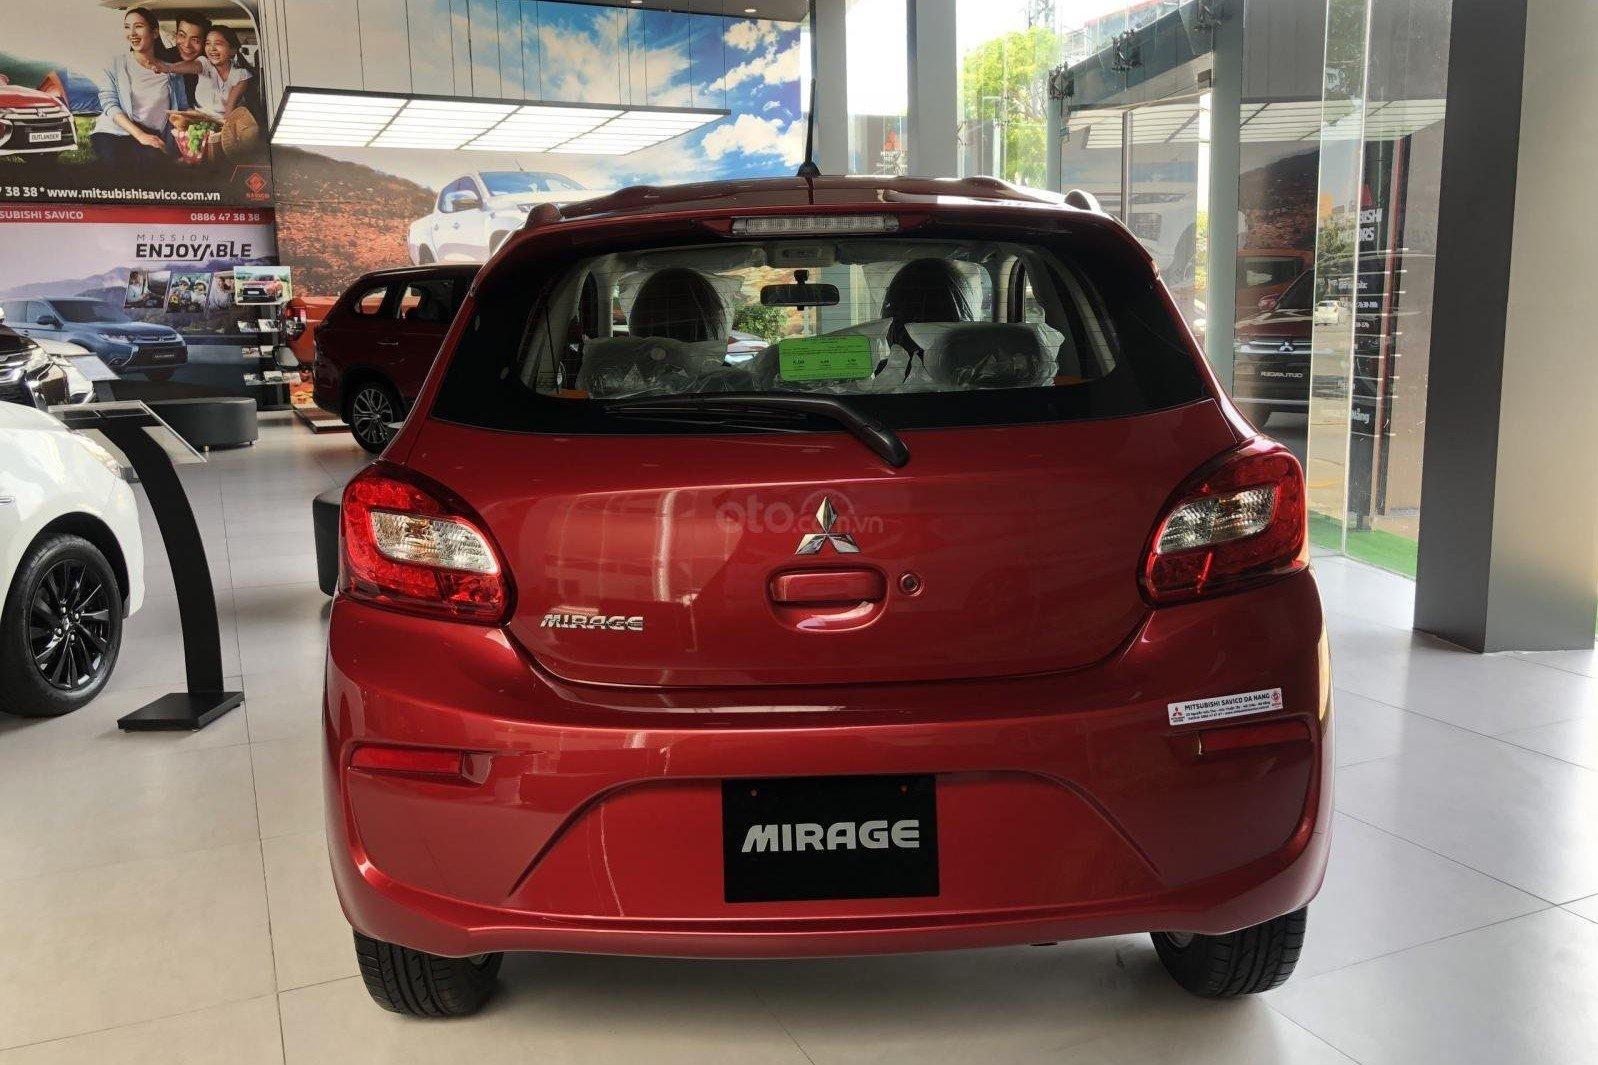 So sánh Toyota Wigo 2019 và Mitsubishi Mirage 2019 về thiết kế đuôi xe a2